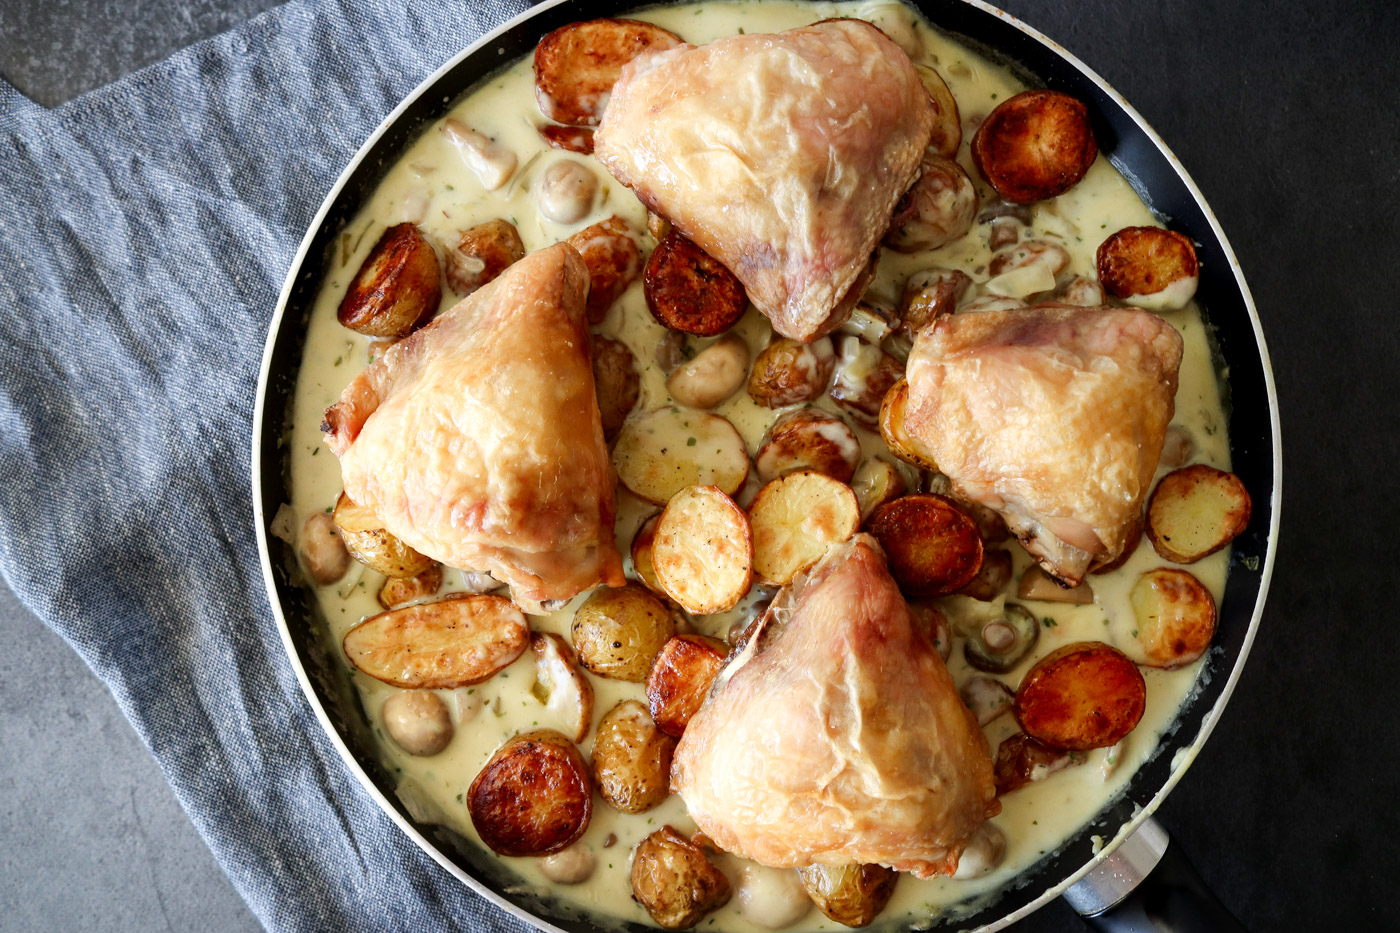 Ovnbagte Kartofler Og Kylling I En Lækker Champignon Bearnaise Sauce